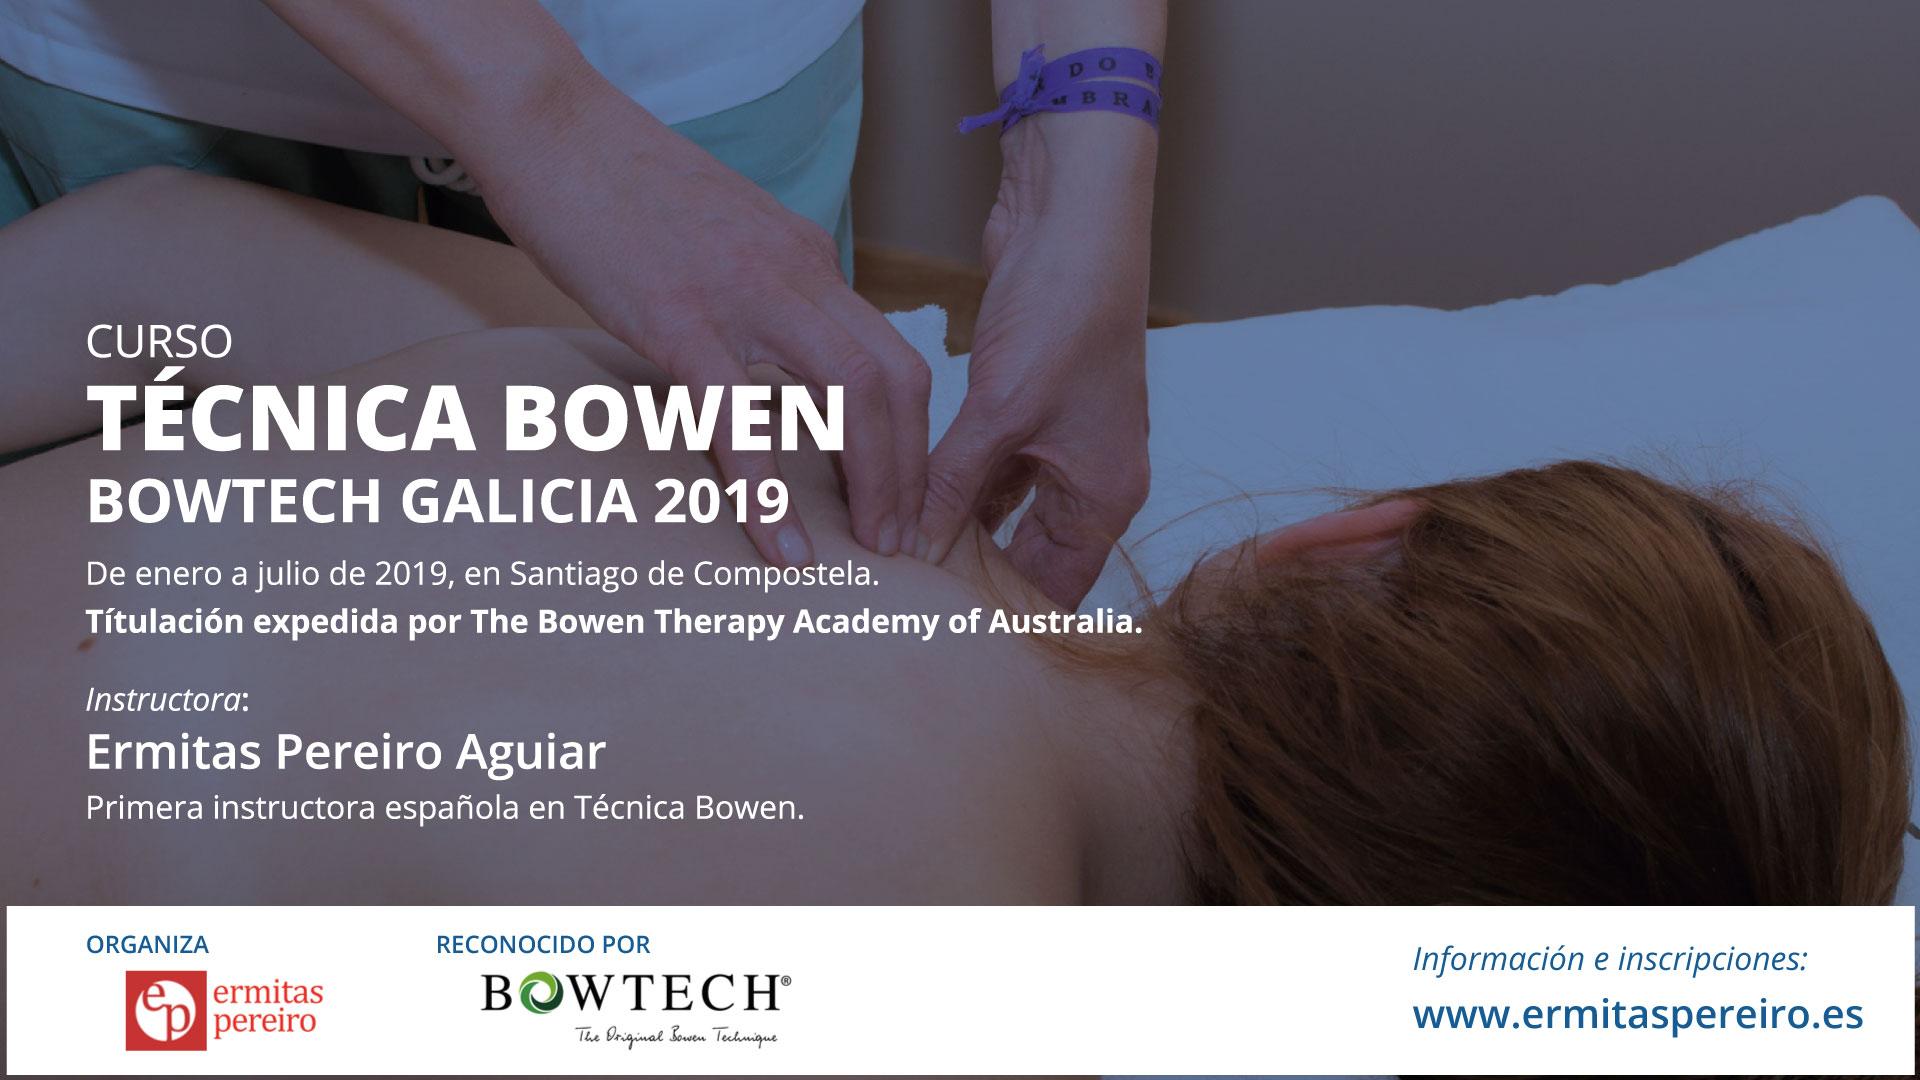 Curso Técnica Bowen 2019 - Santiago de Compostela - Ermitas Pereiro Instructora Bowen